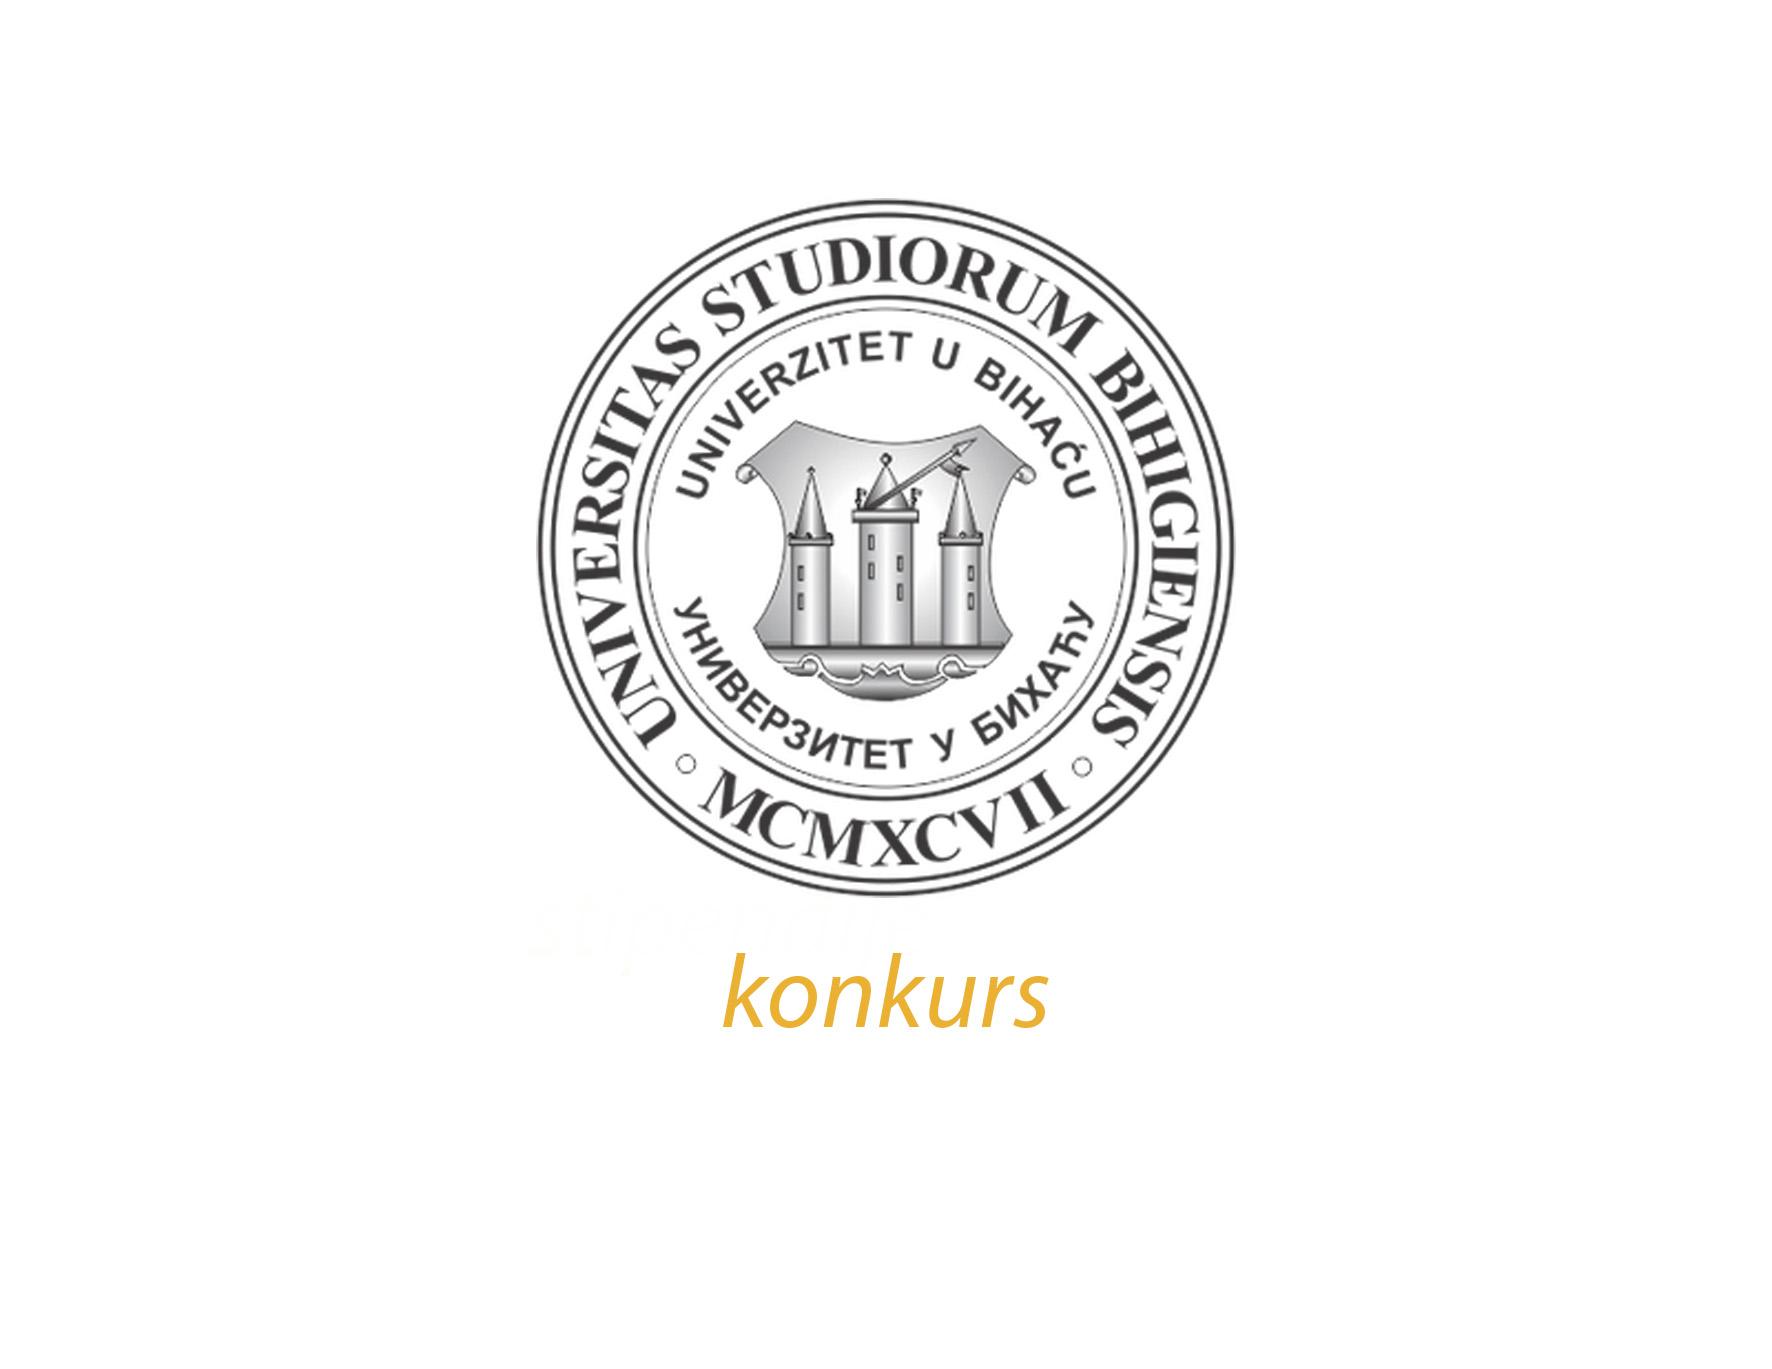 Konkurs za izbor Prorektora za nastavu i studentska pitanja Univerziteta u Bihaću